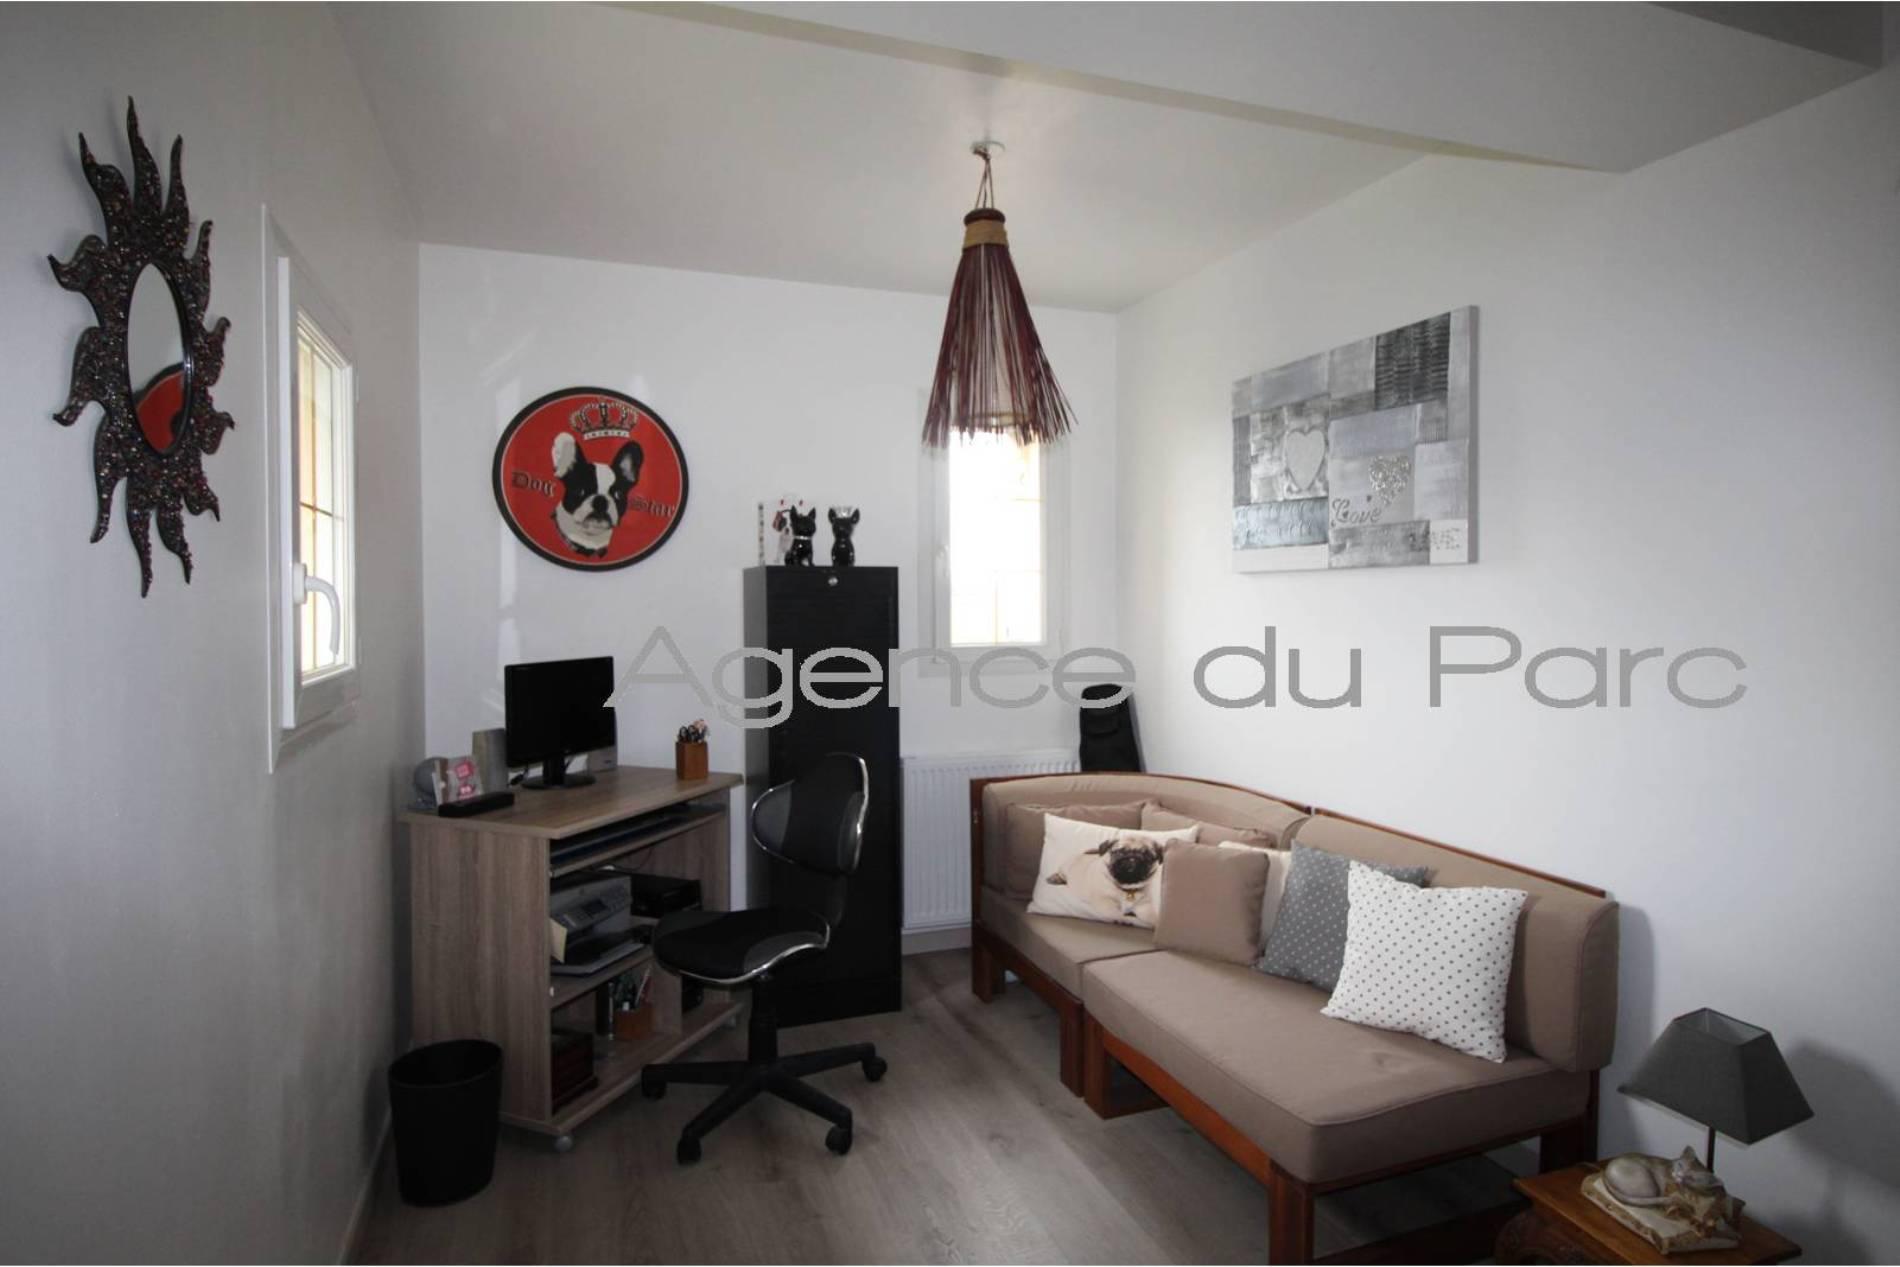 Acheter maison avec travaux maison ancienne avec travaux for Site pour acheter maison